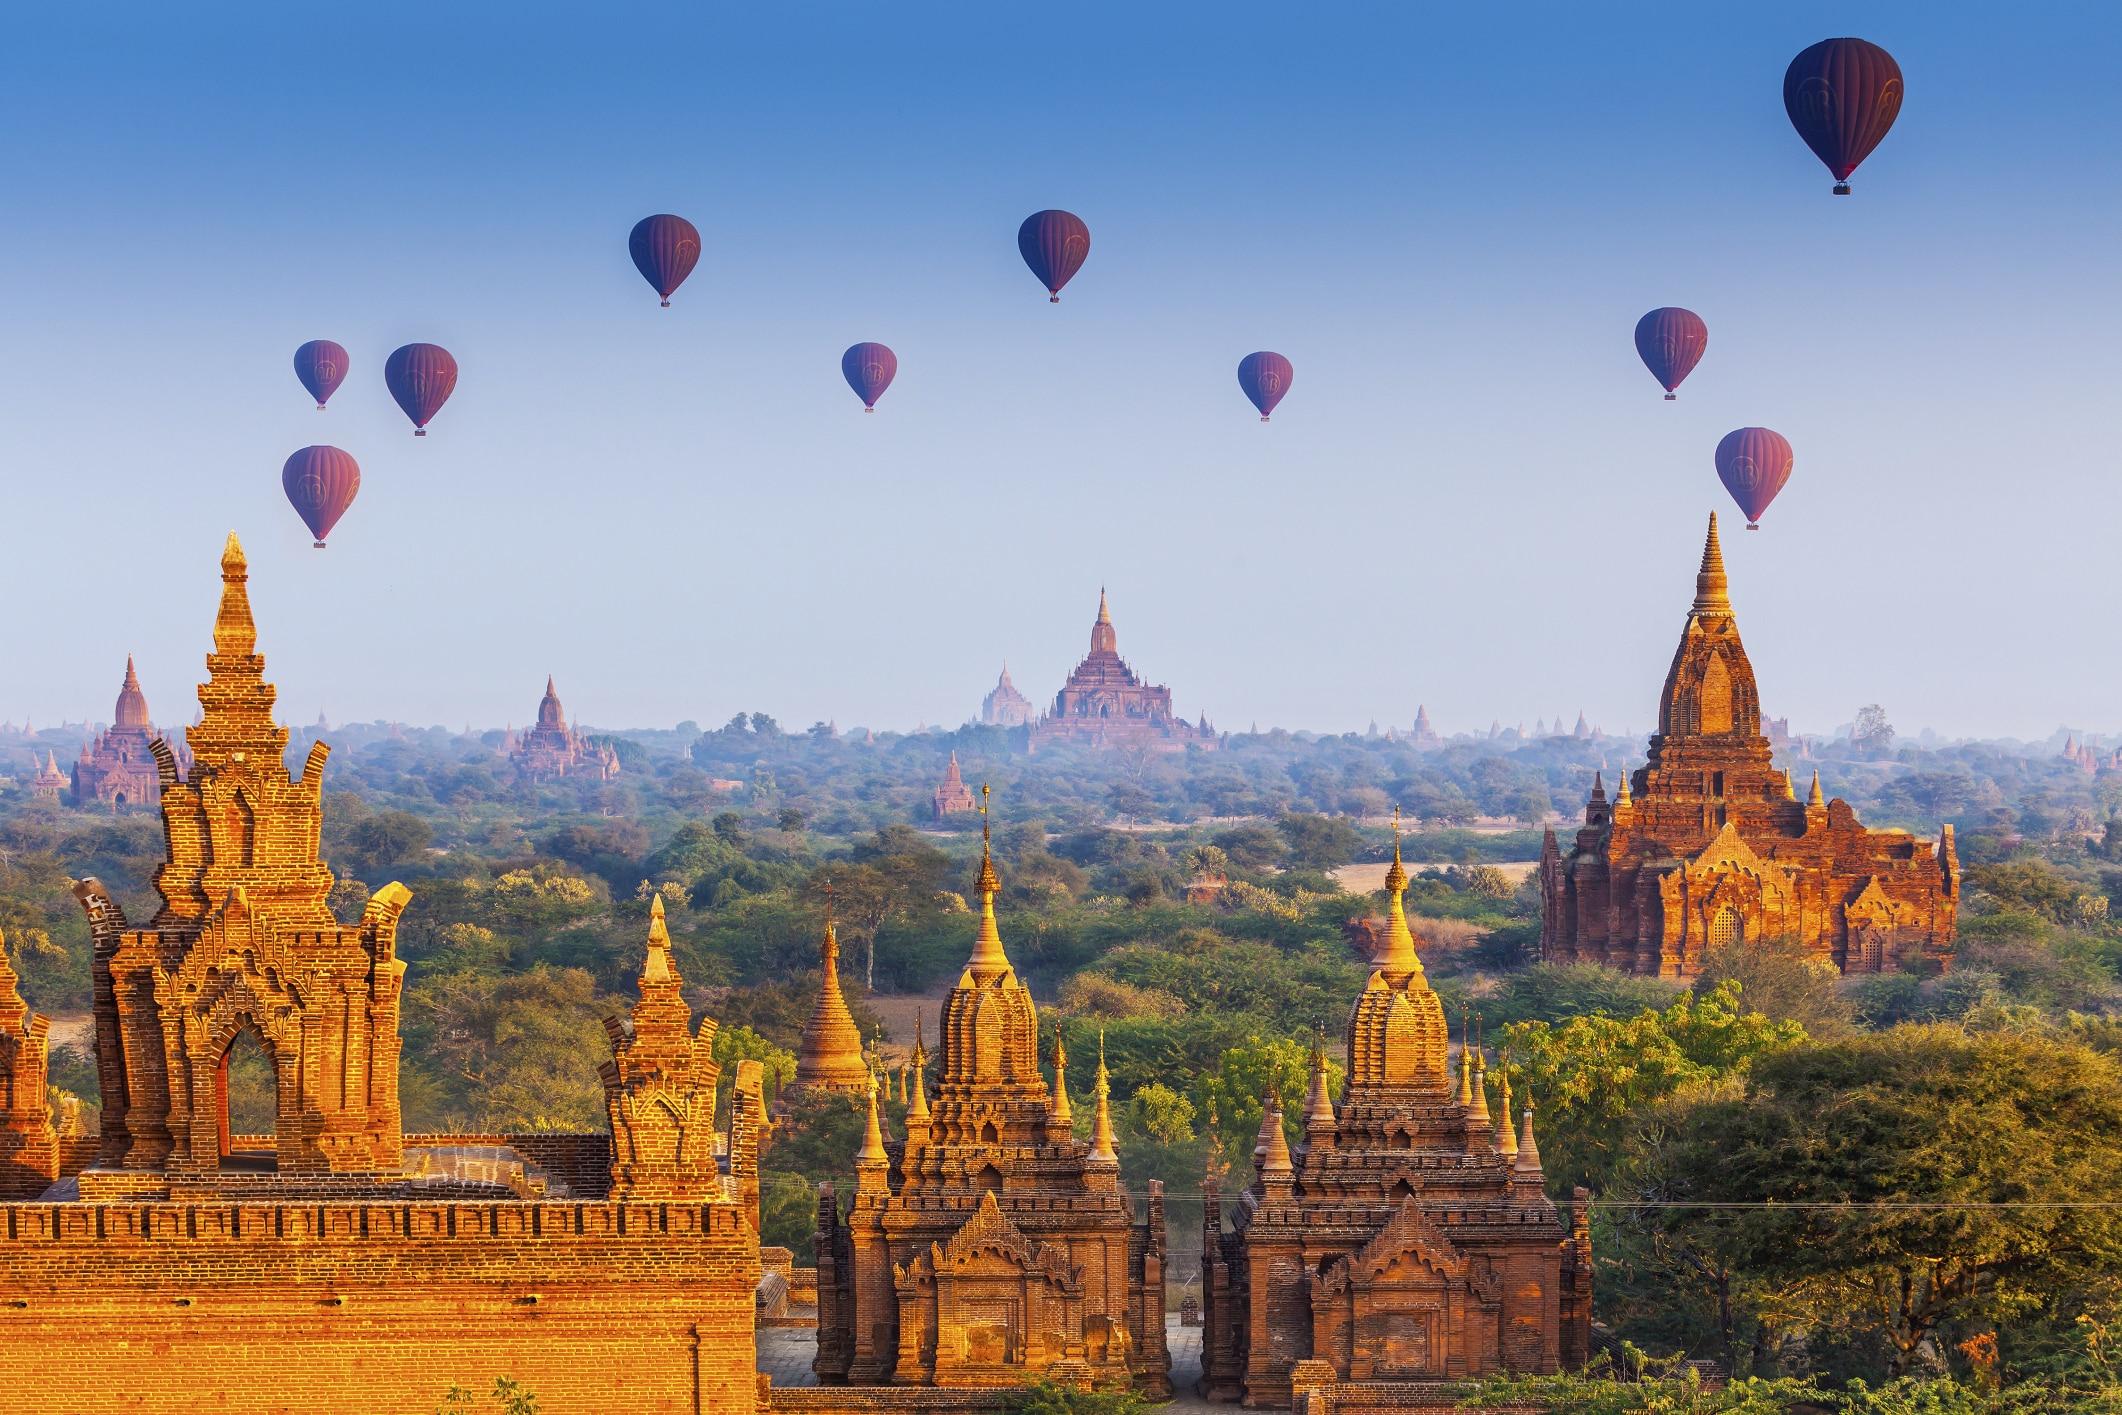 Храмы Пагана, Мьянма